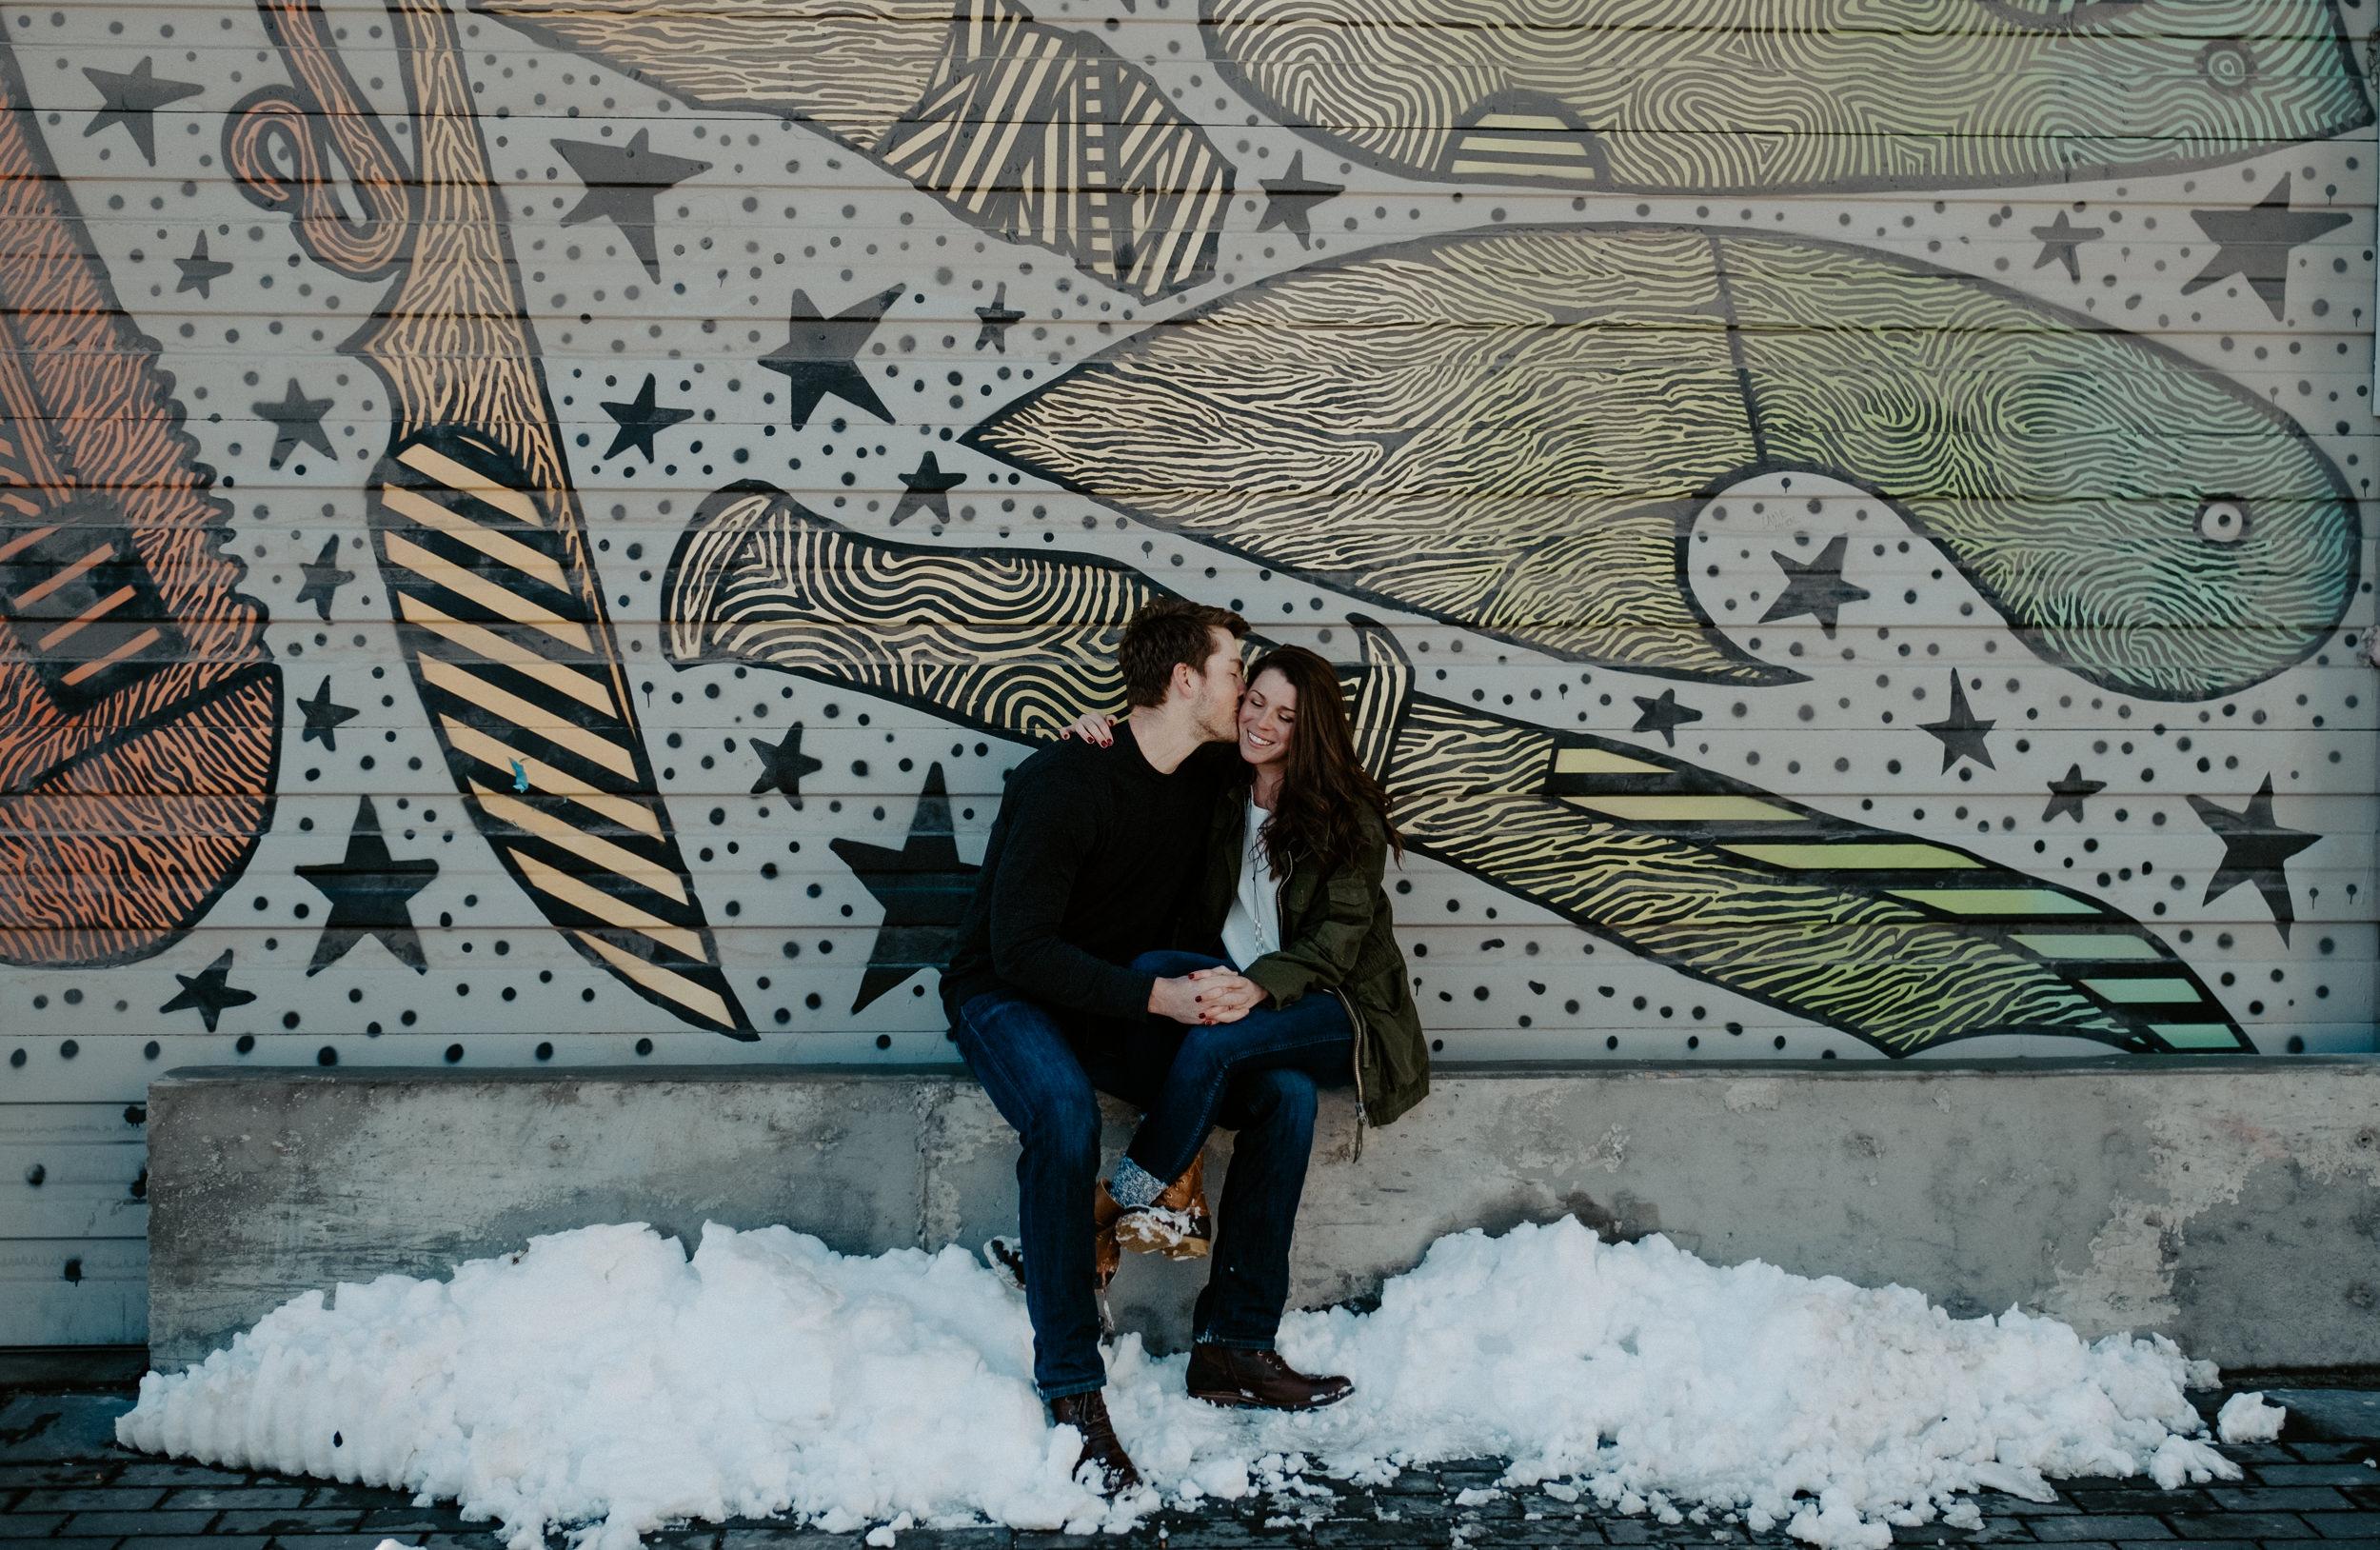 Colorado wedding and elopement photographer. Denver wedding photos.